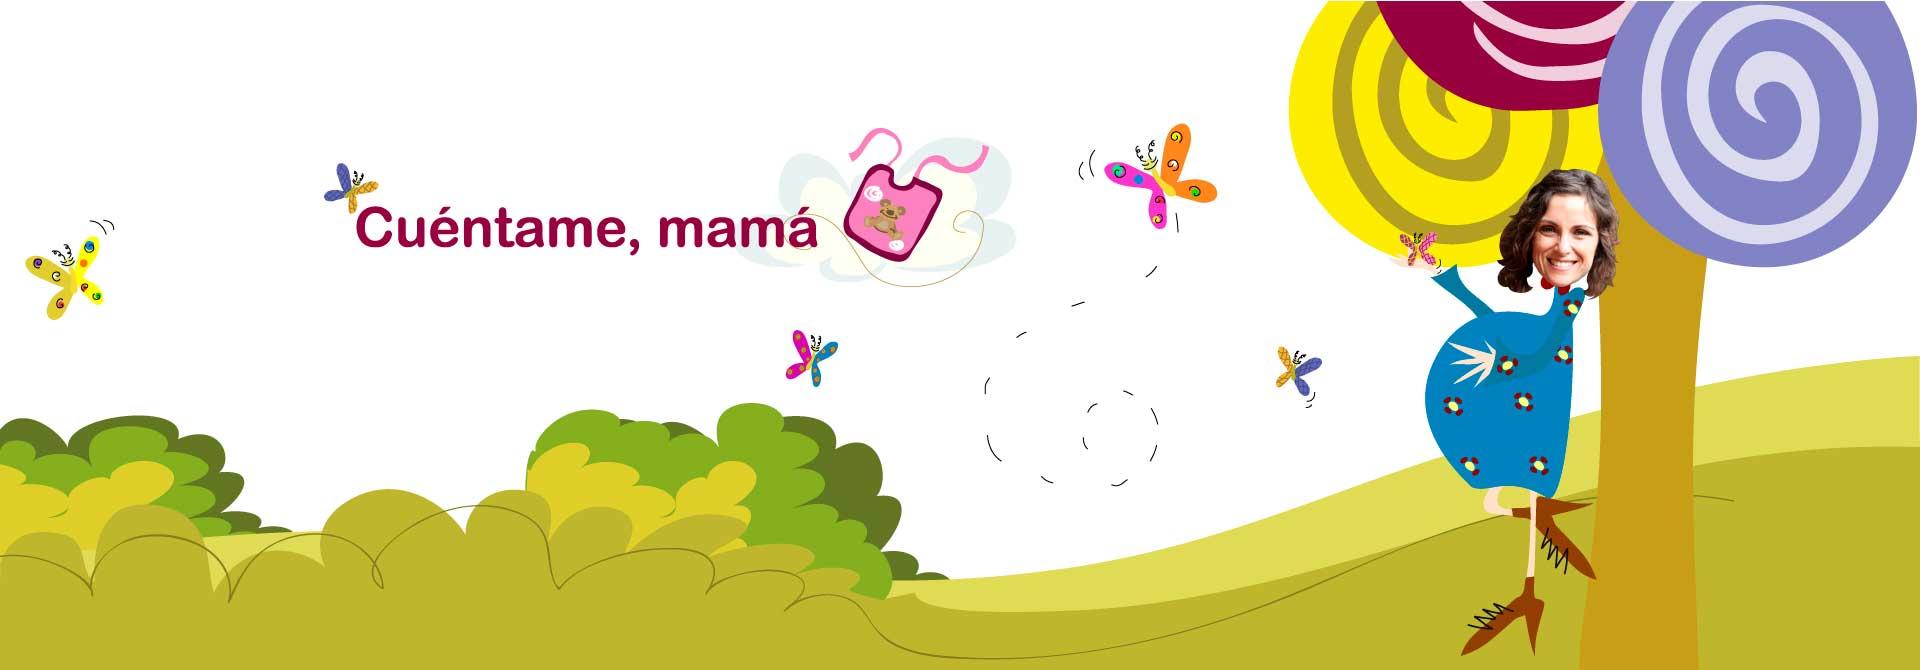 Cuento personalizado día de la madre con fotos - Encabezado del producto